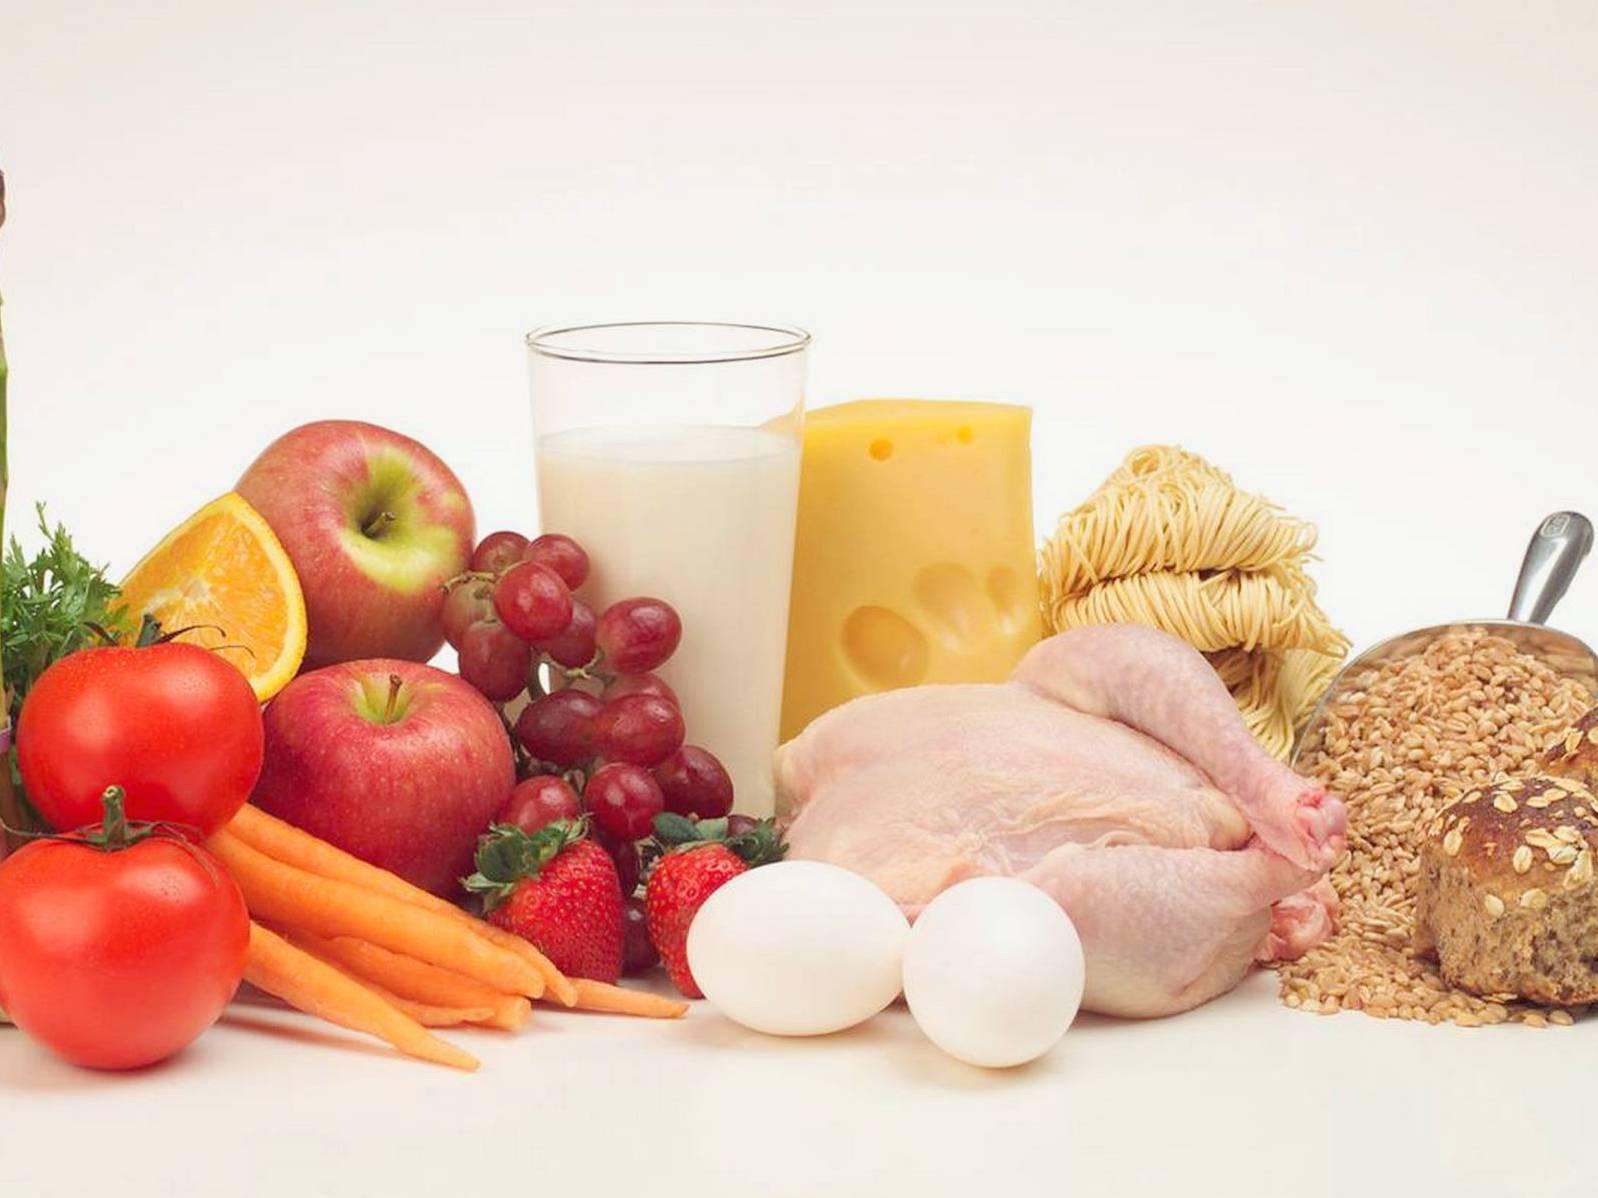 поставщики здорового питания